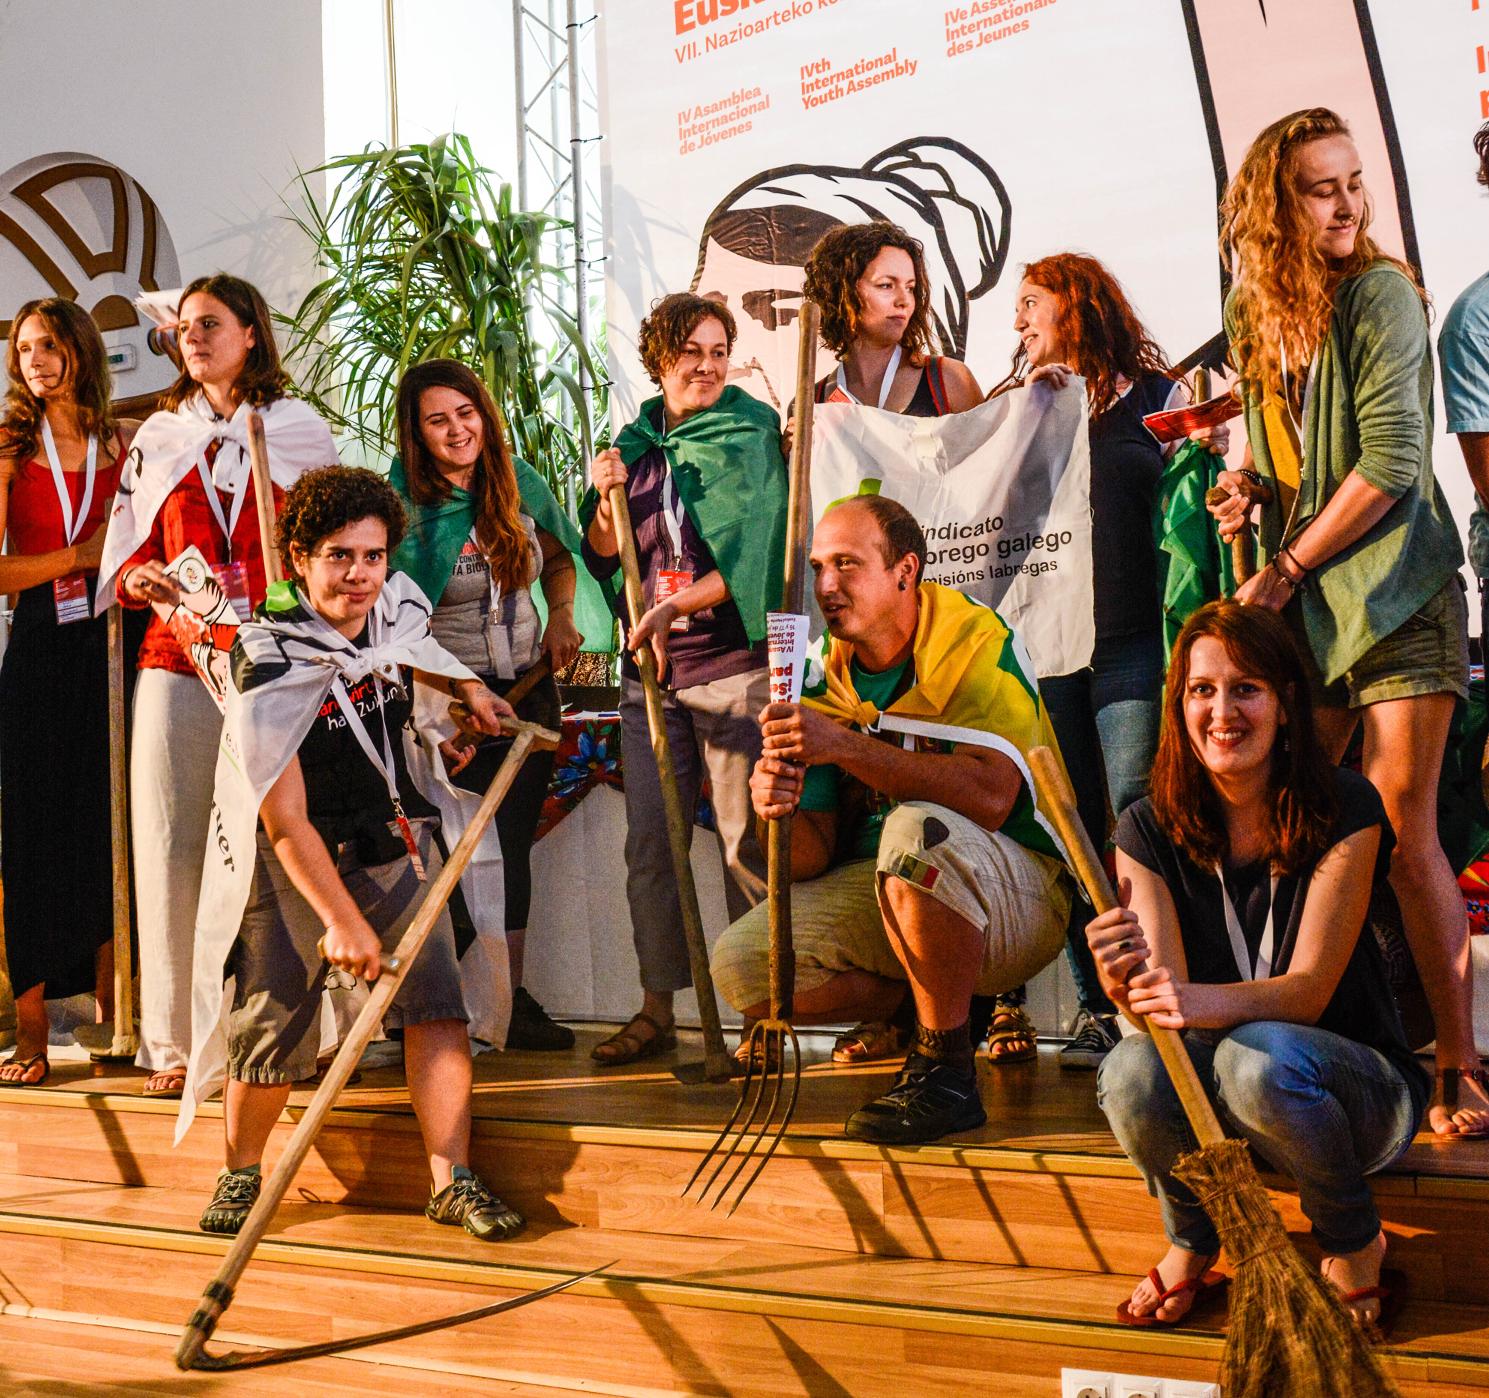 Dünyanın Genç Köylüleri Bask Ülkesi'nde Dördüncü Uluslararası Gençlik Meclisi'ni gerçekleştiriyor!